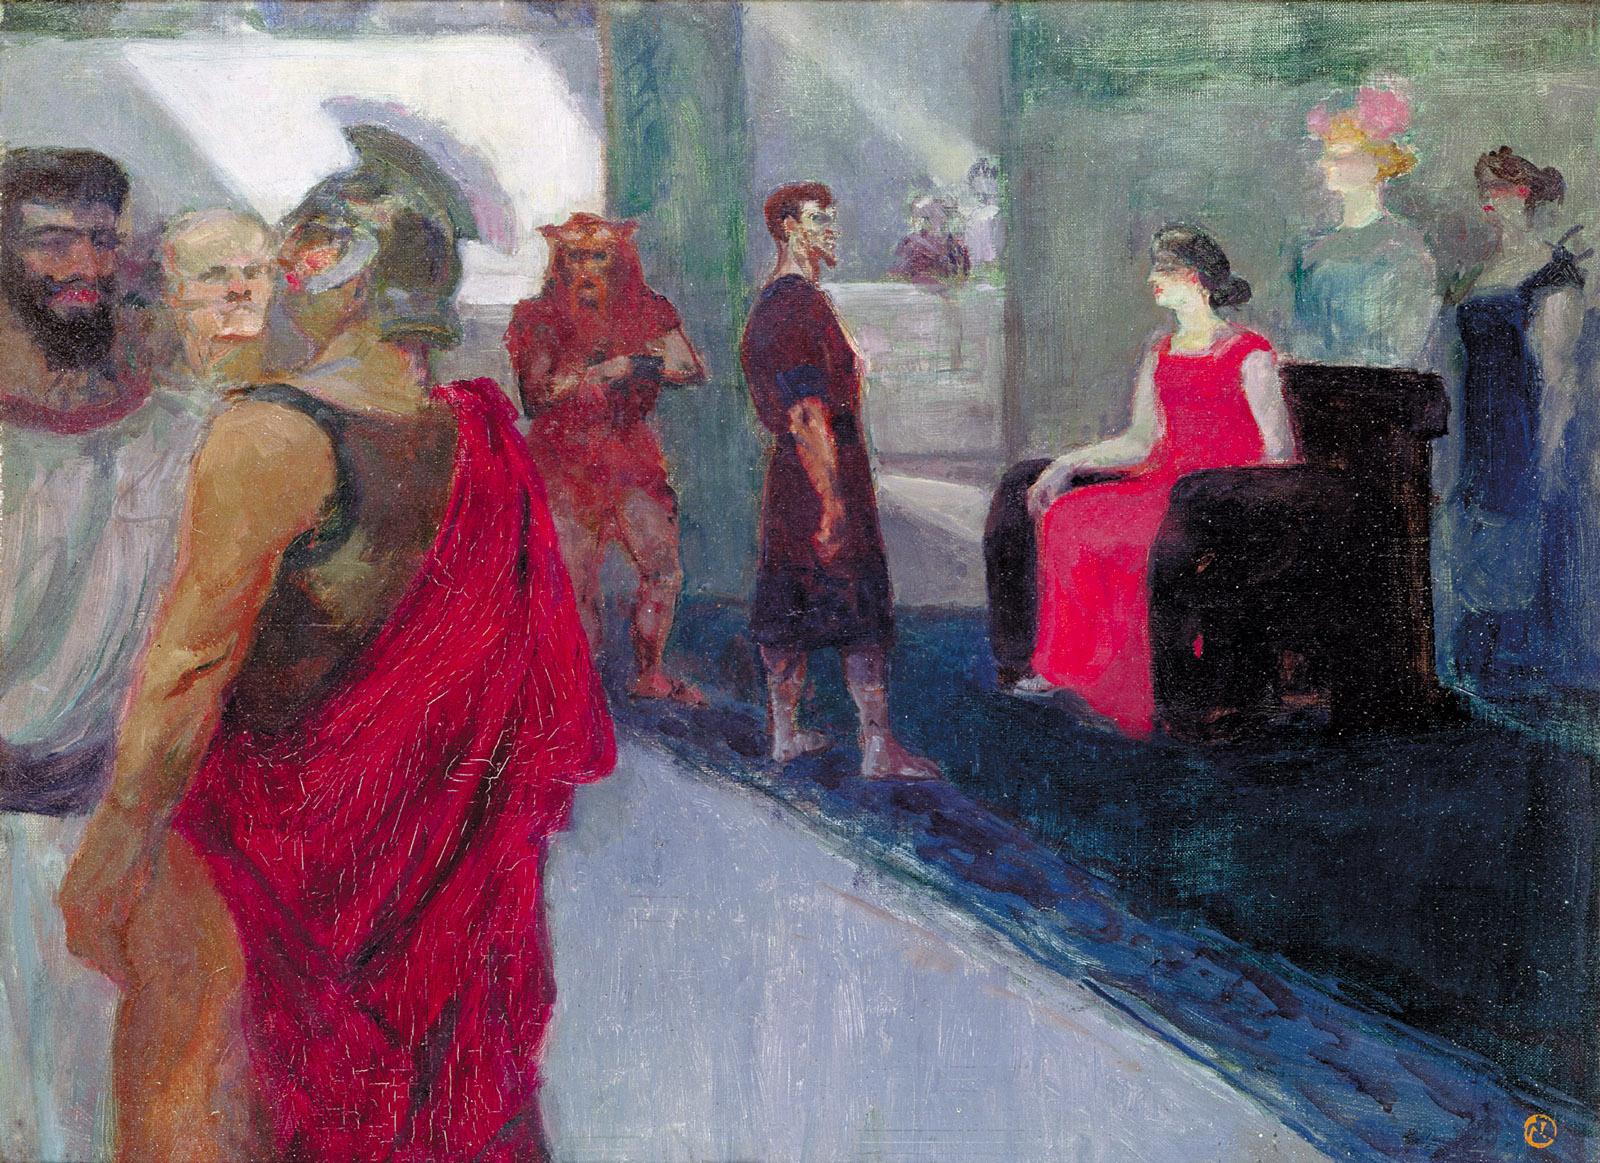 Henri de Toulouse-Lautrec's Messalina, 1900